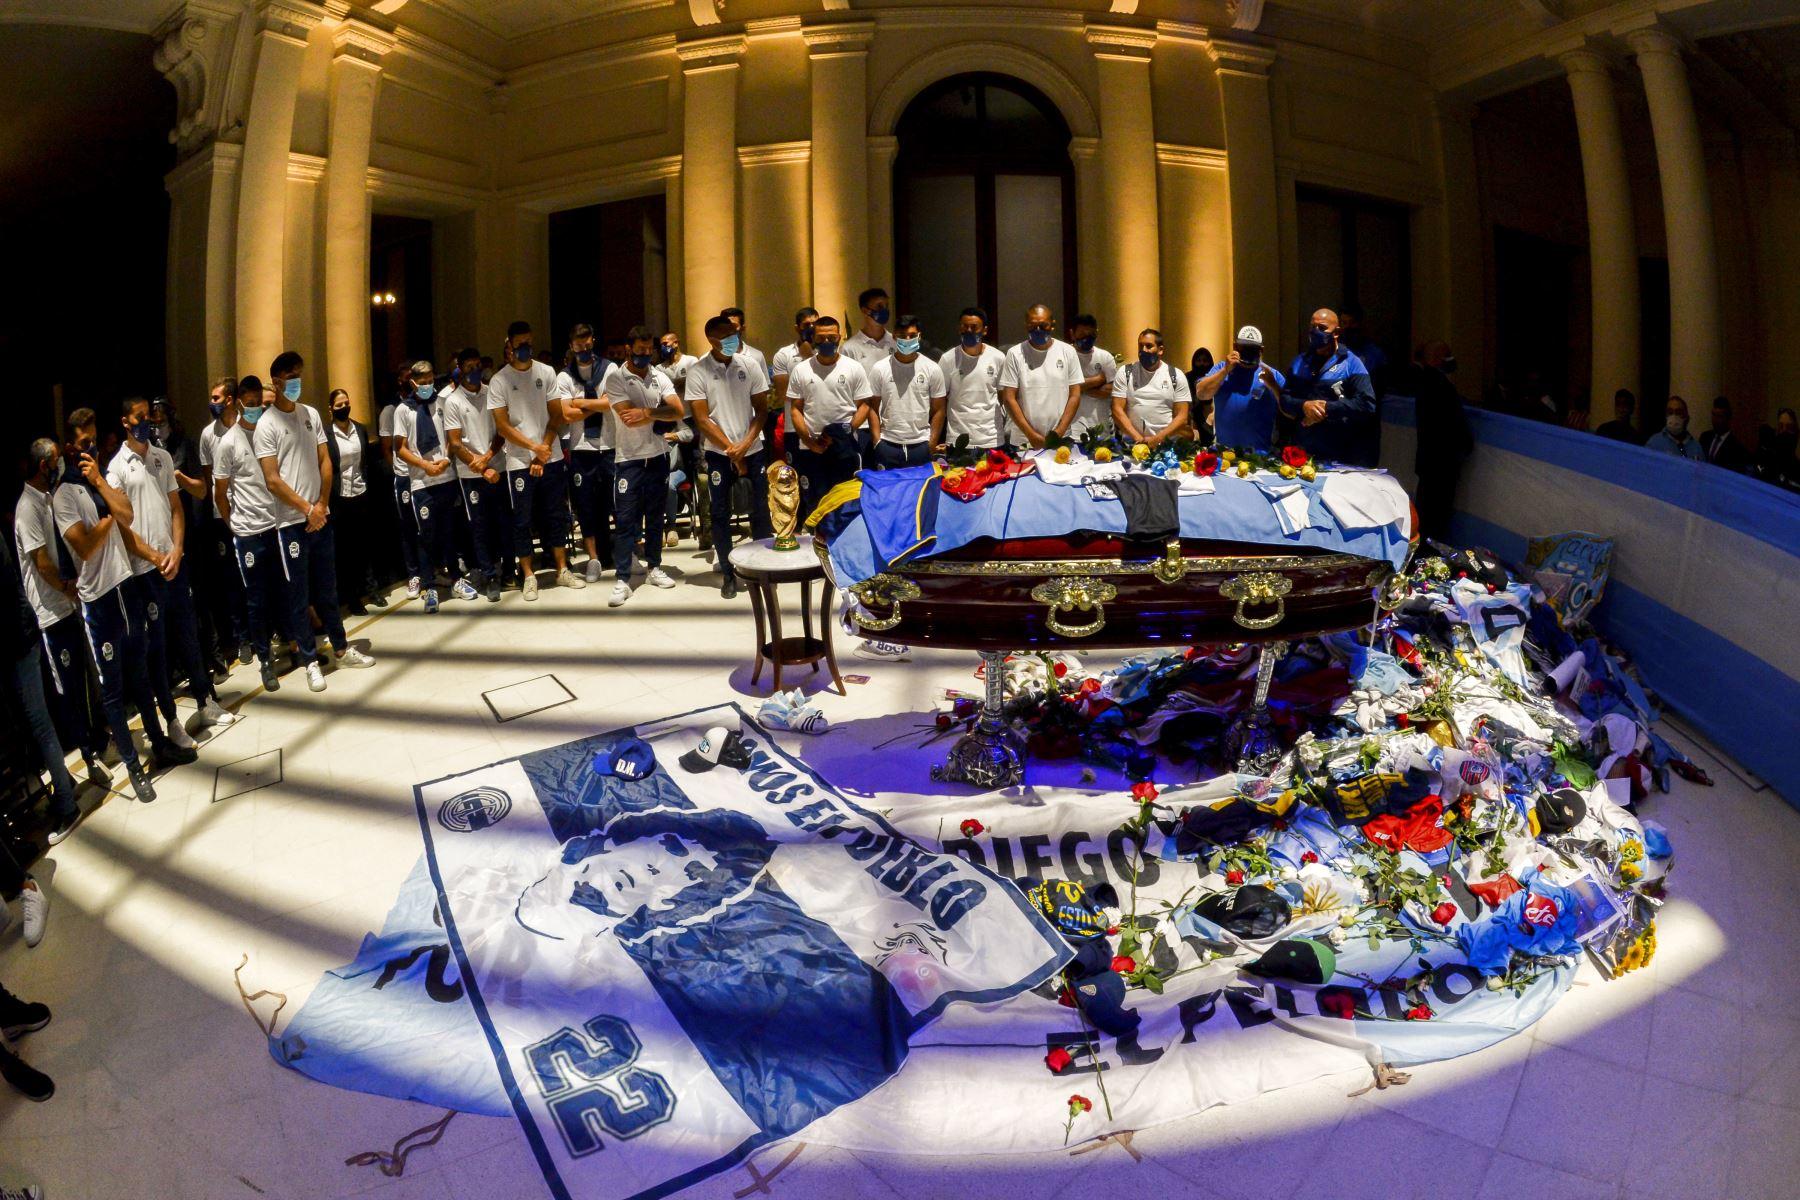 Foto  publicado por la Presidencia de Argentina , muestra a  los jugadores del equipo de fútbol argentino Gimnasia y Esgrima La Plata en homenaje al ataúd de la leyenda del fútbol argentino Diego Maradona en la capilla en llamas del palacio presidencial Casa Rosada en Buenos Aires. Foto: AFP